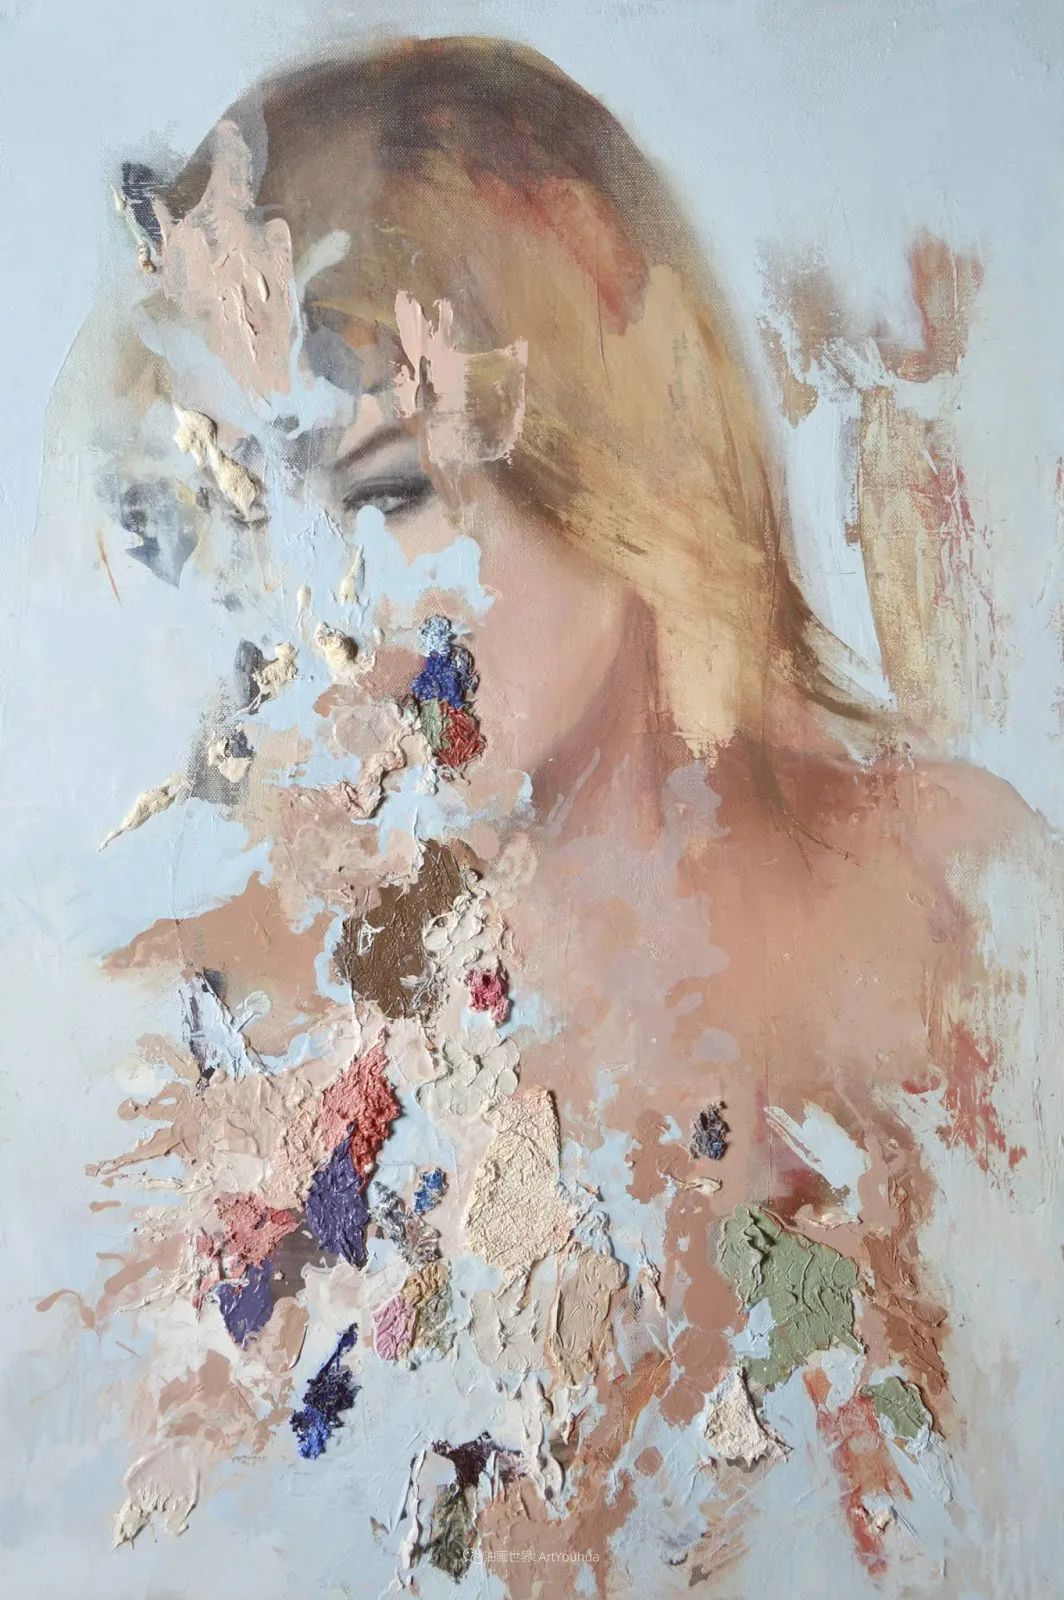 """诠释""""易碎""""人体,哥伦比亚画家耶苏斯·莱吉扎莫插图11"""